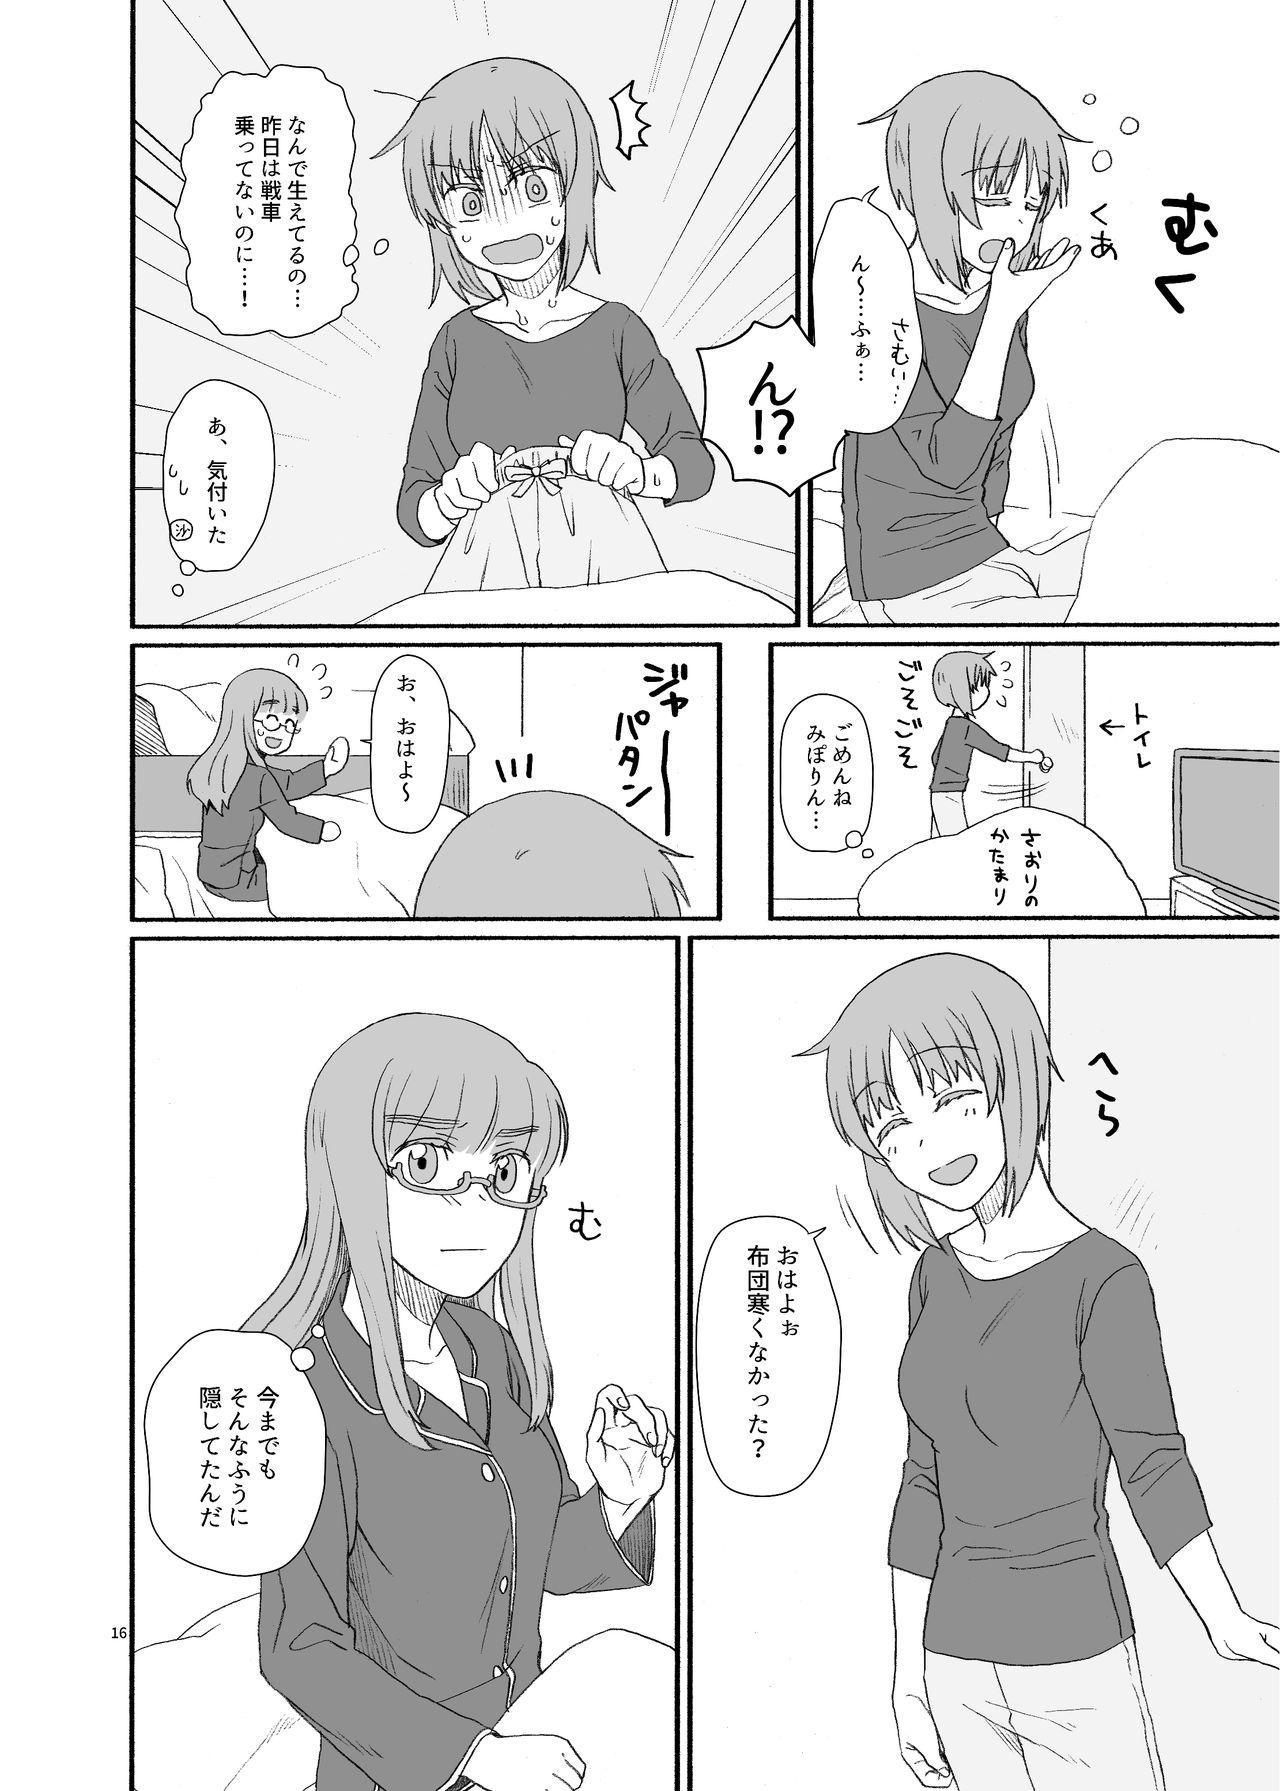 Saori-san, Tsukiatte Kudasai! 14